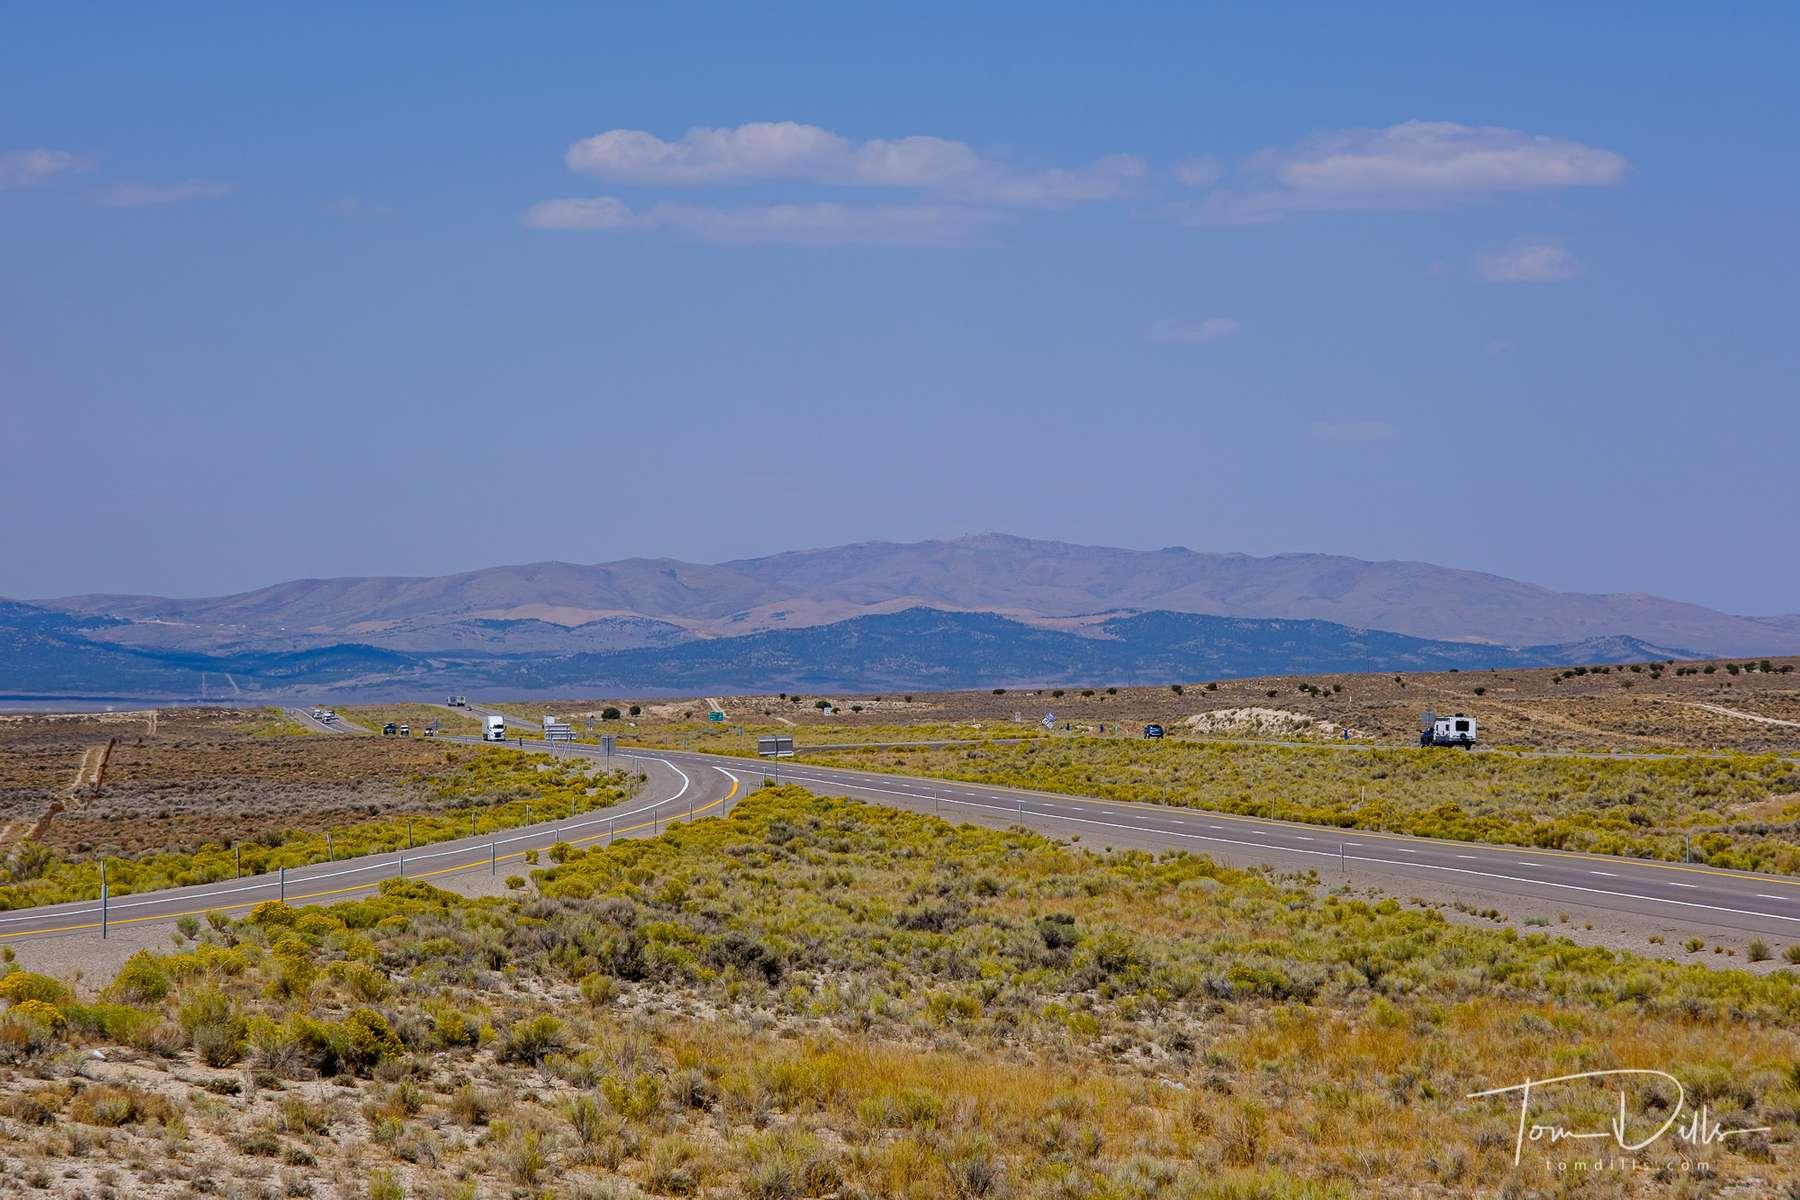 Scenery along I-80 near Oasis, Nevada